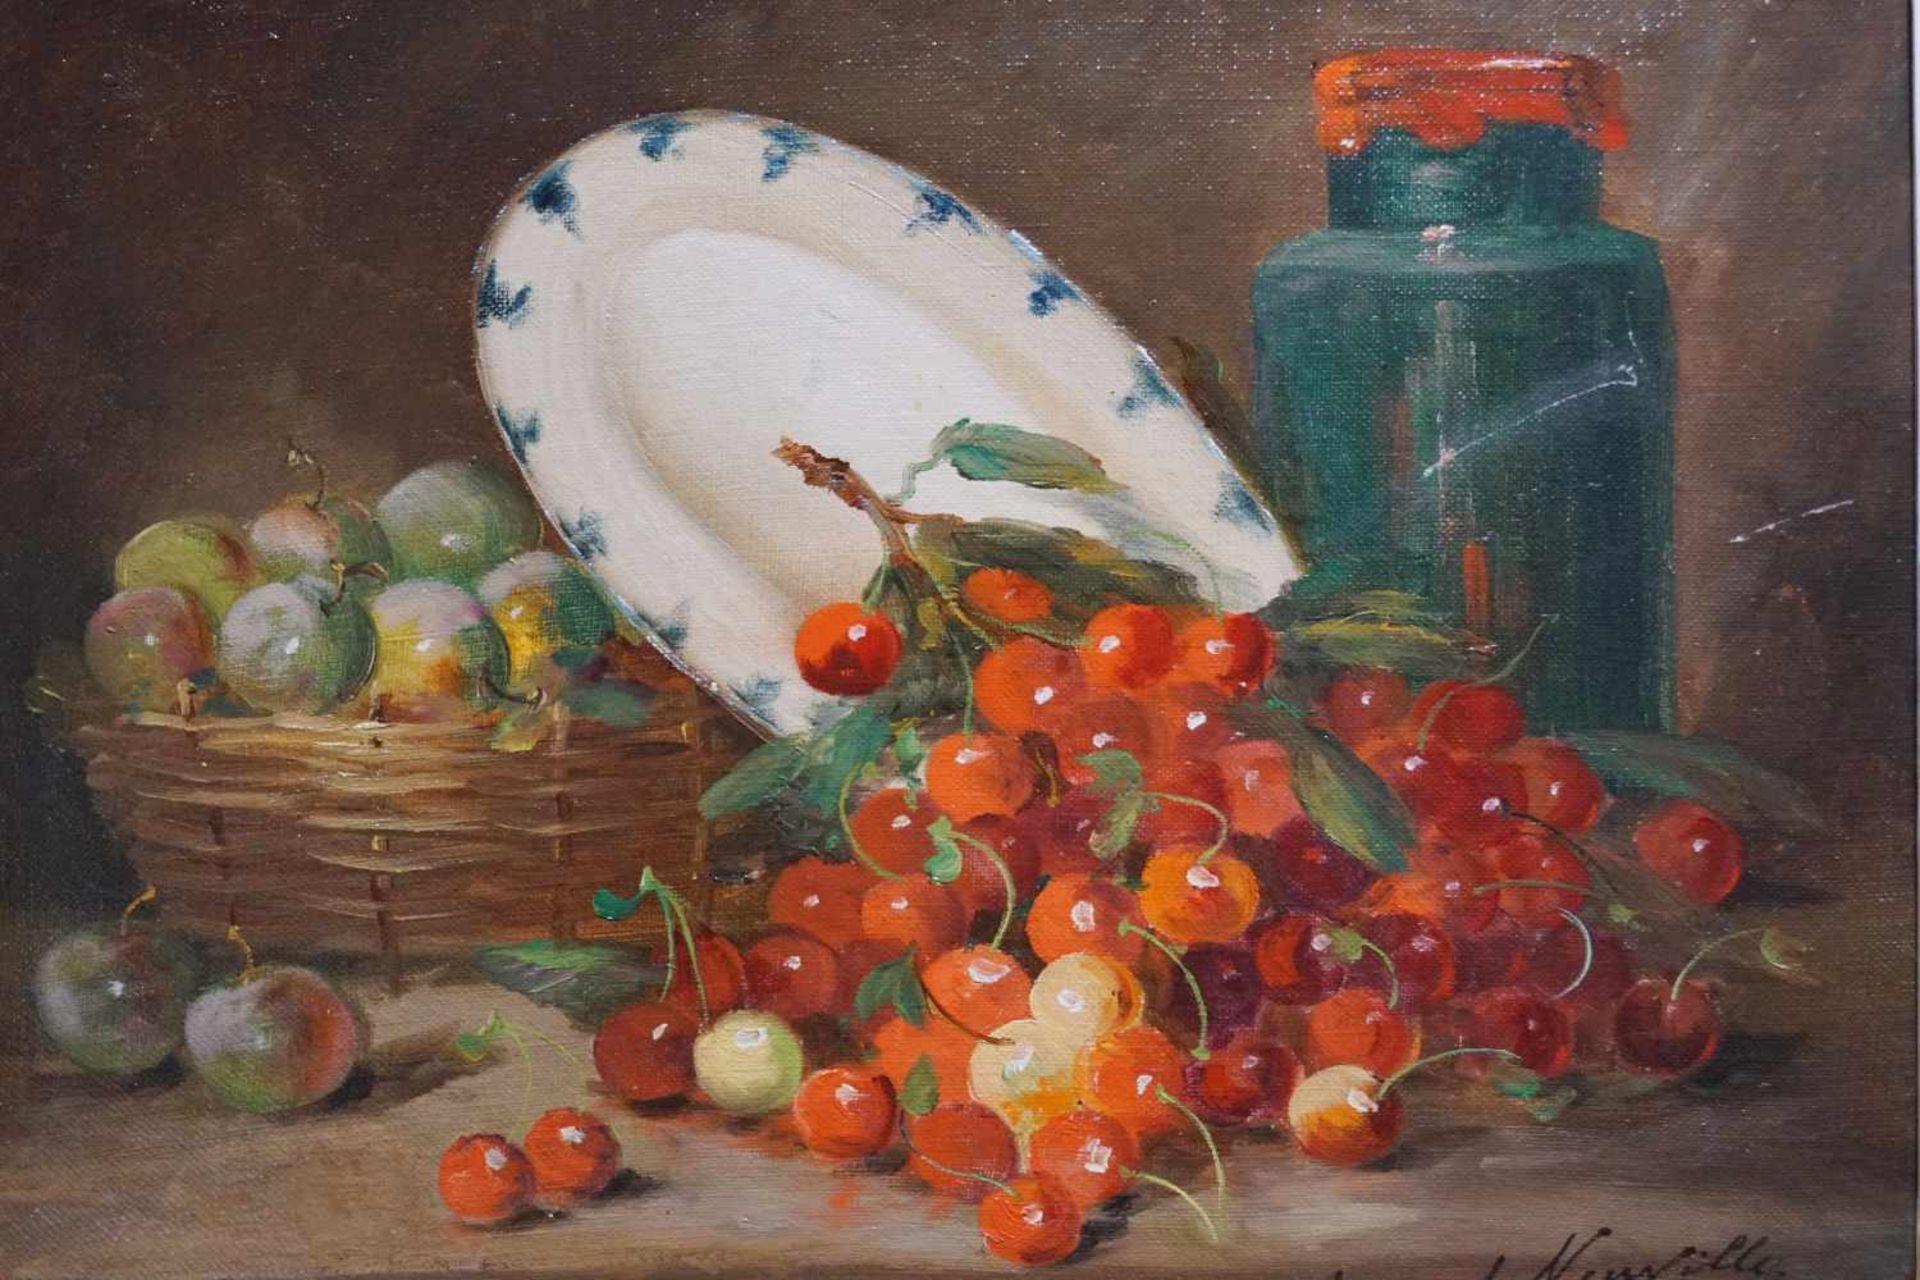 Stillleben mit Pflaumen und Kirschen Alfred Arthur Brunel Neuville (1852-1941), Öl auf Leinwand, - Bild 2 aus 3